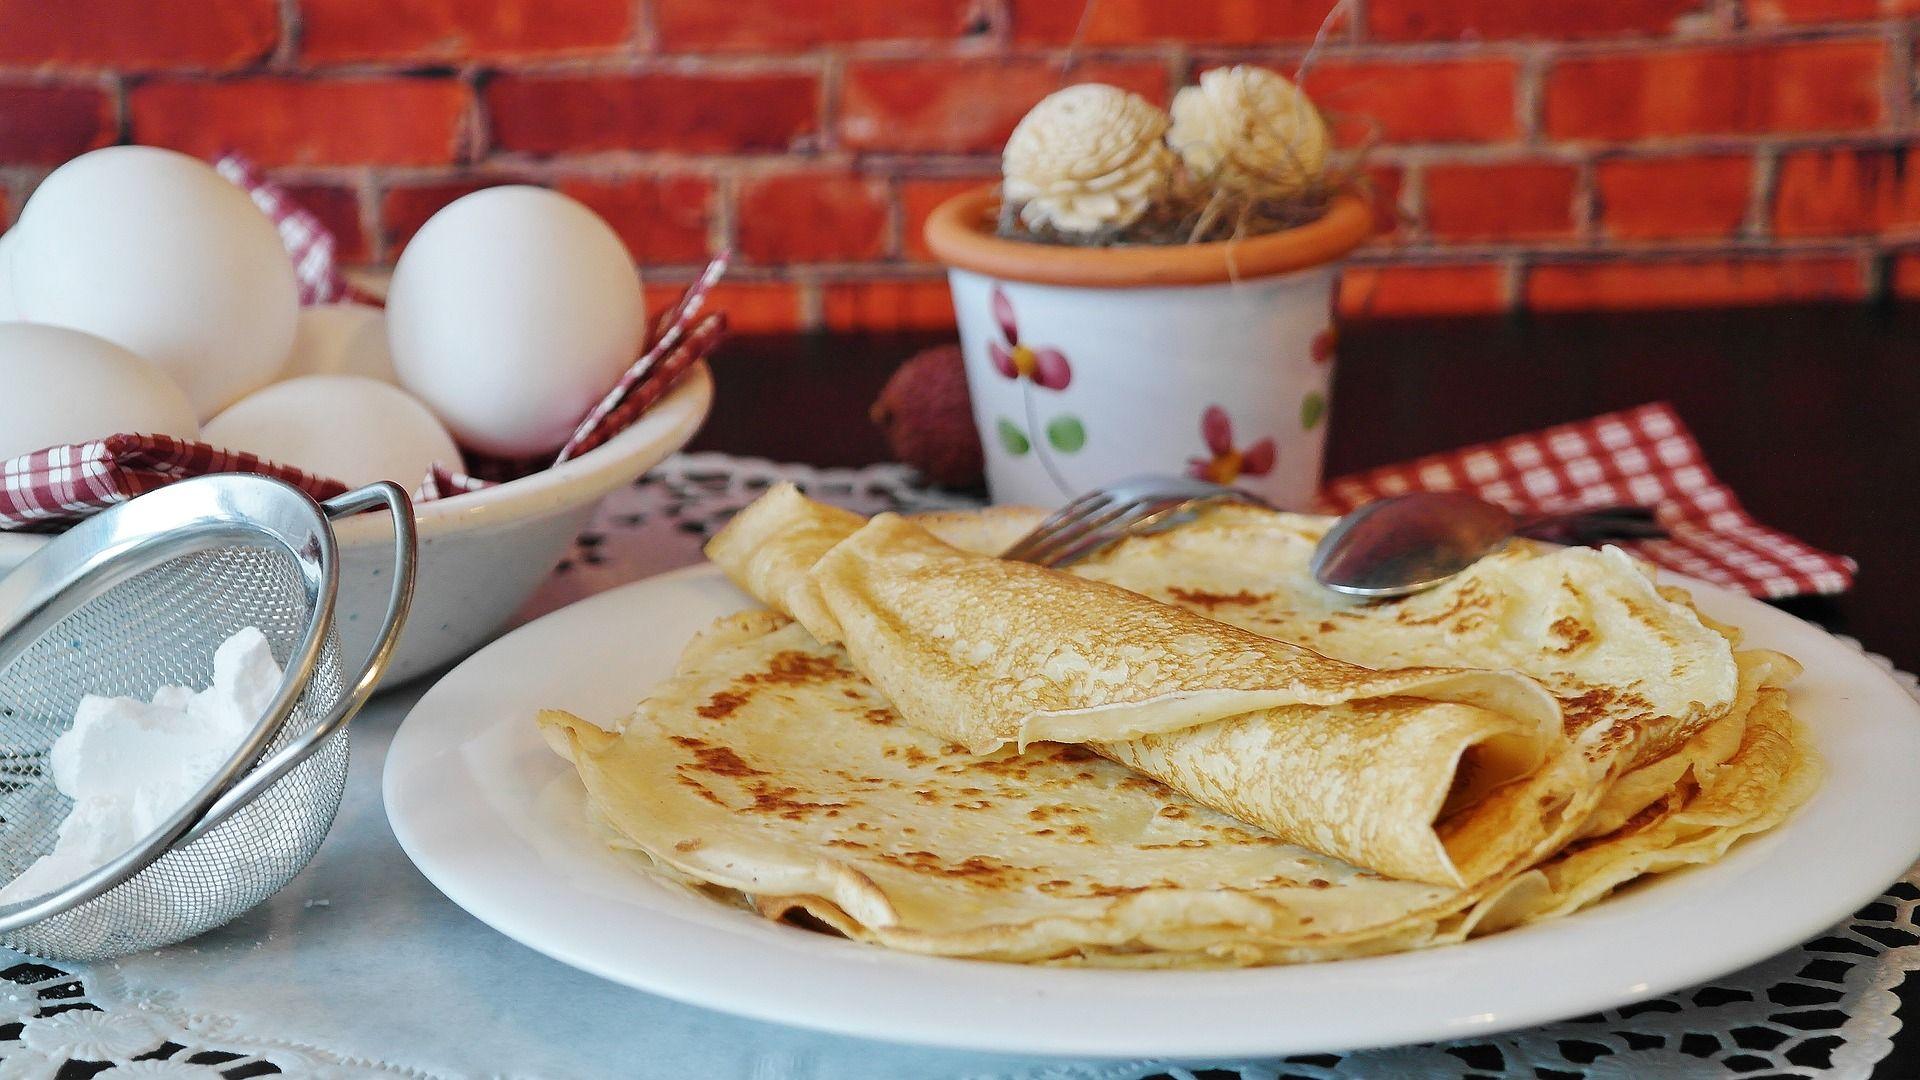 Granja de huevos camperos